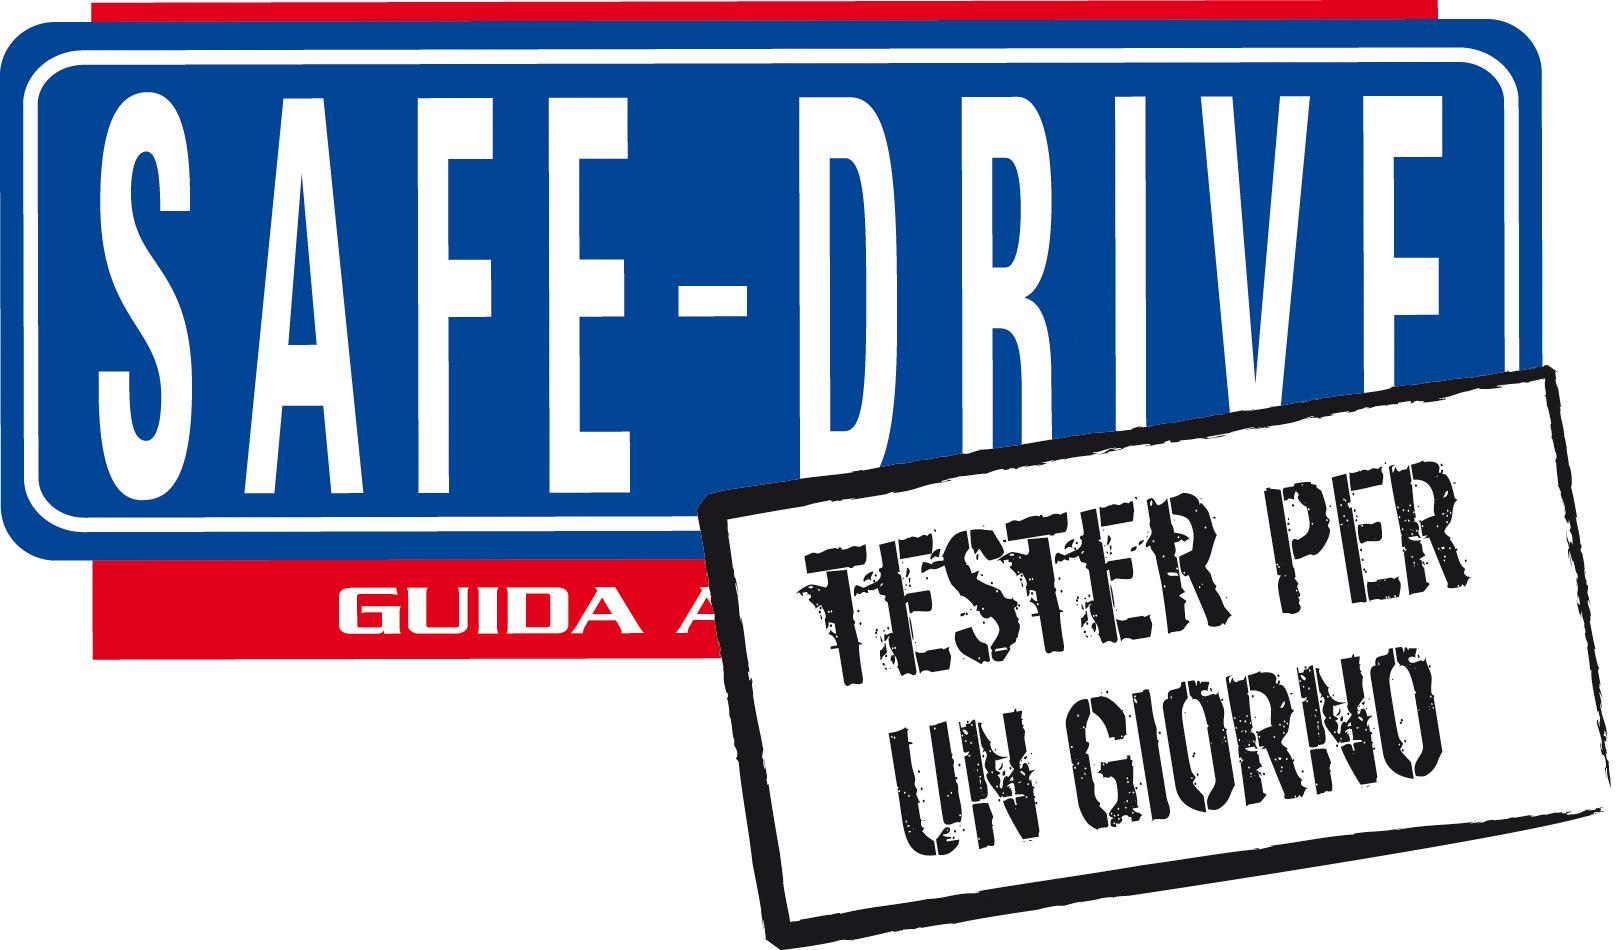 SafeDrive_Tester